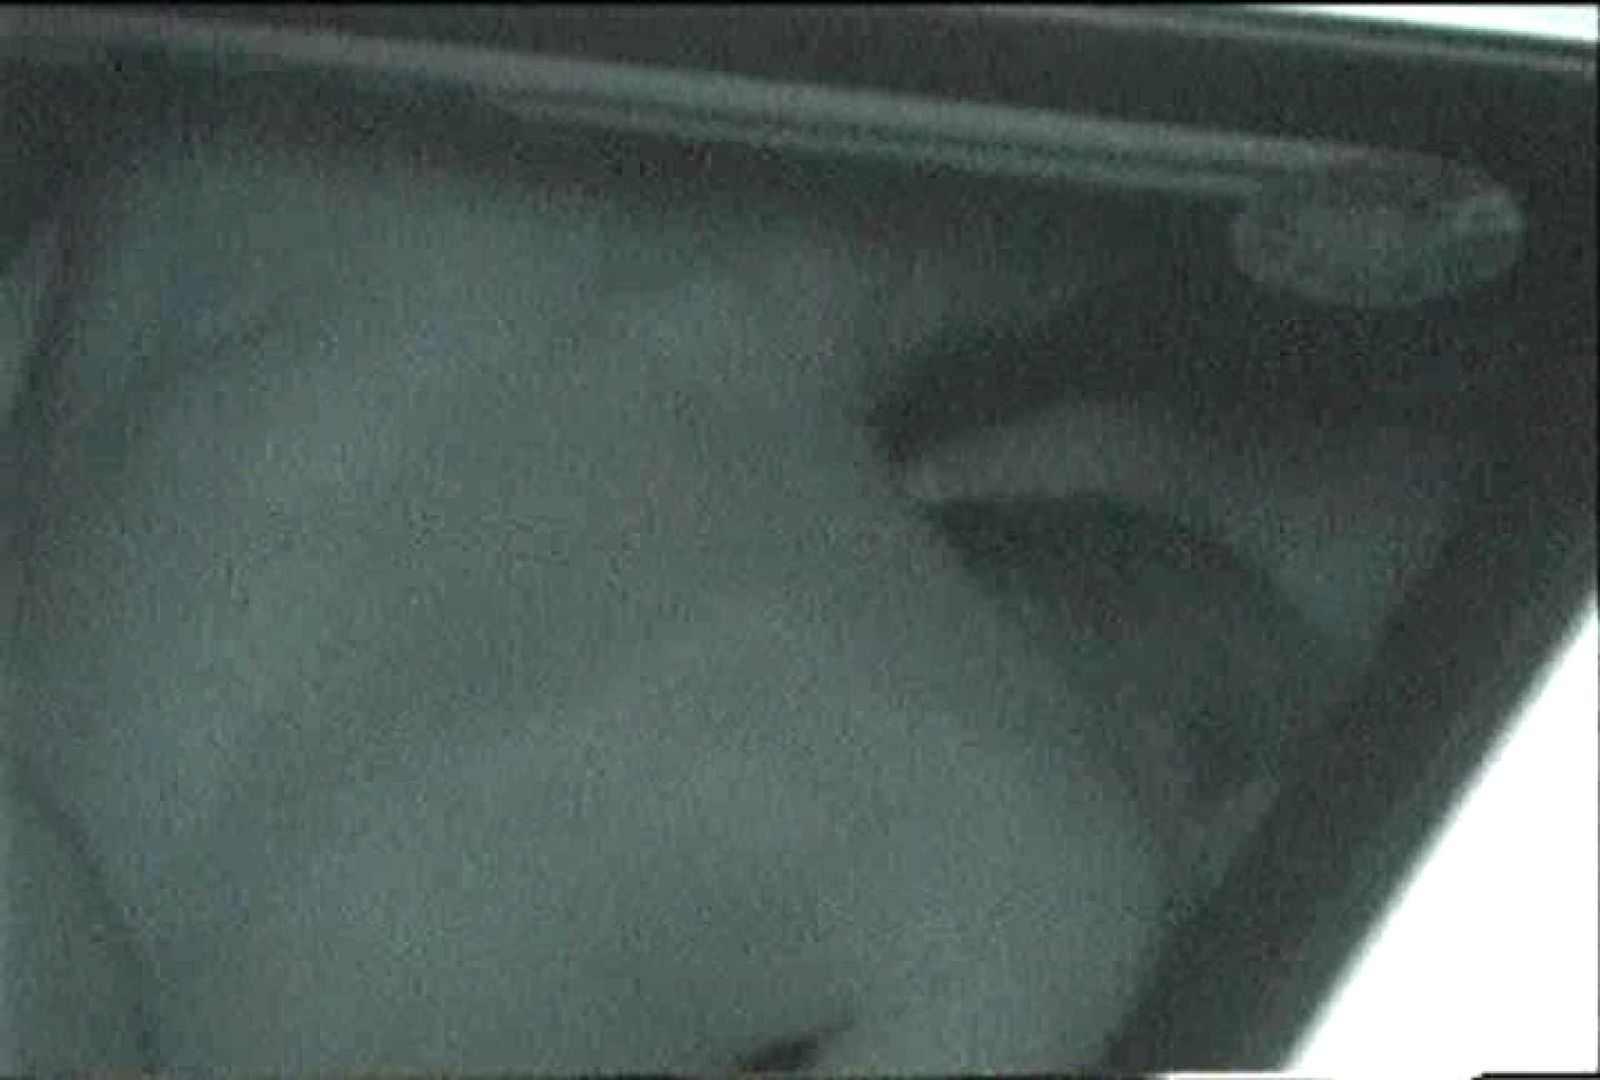 充血監督の深夜の運動会Vol.78 カップルのセックス  51PIX 14